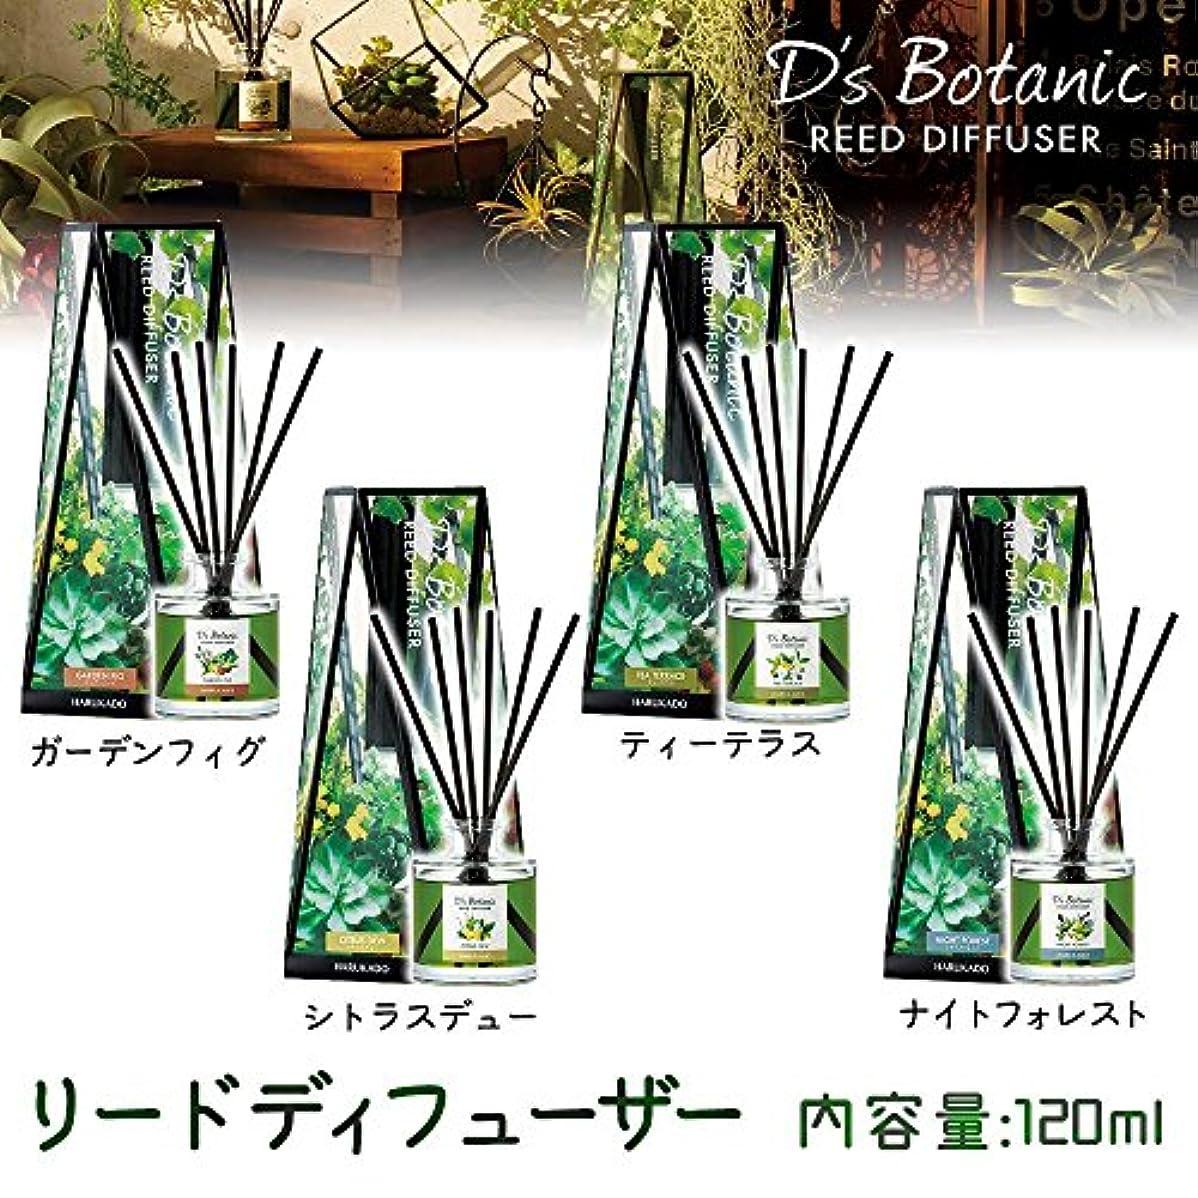 行う永遠にトリップD'S Botanic(デイズボタニック) リードディフューザー ルームフレグランス 120ml ナイトフォレスト?6231【人気 おすすめ 】